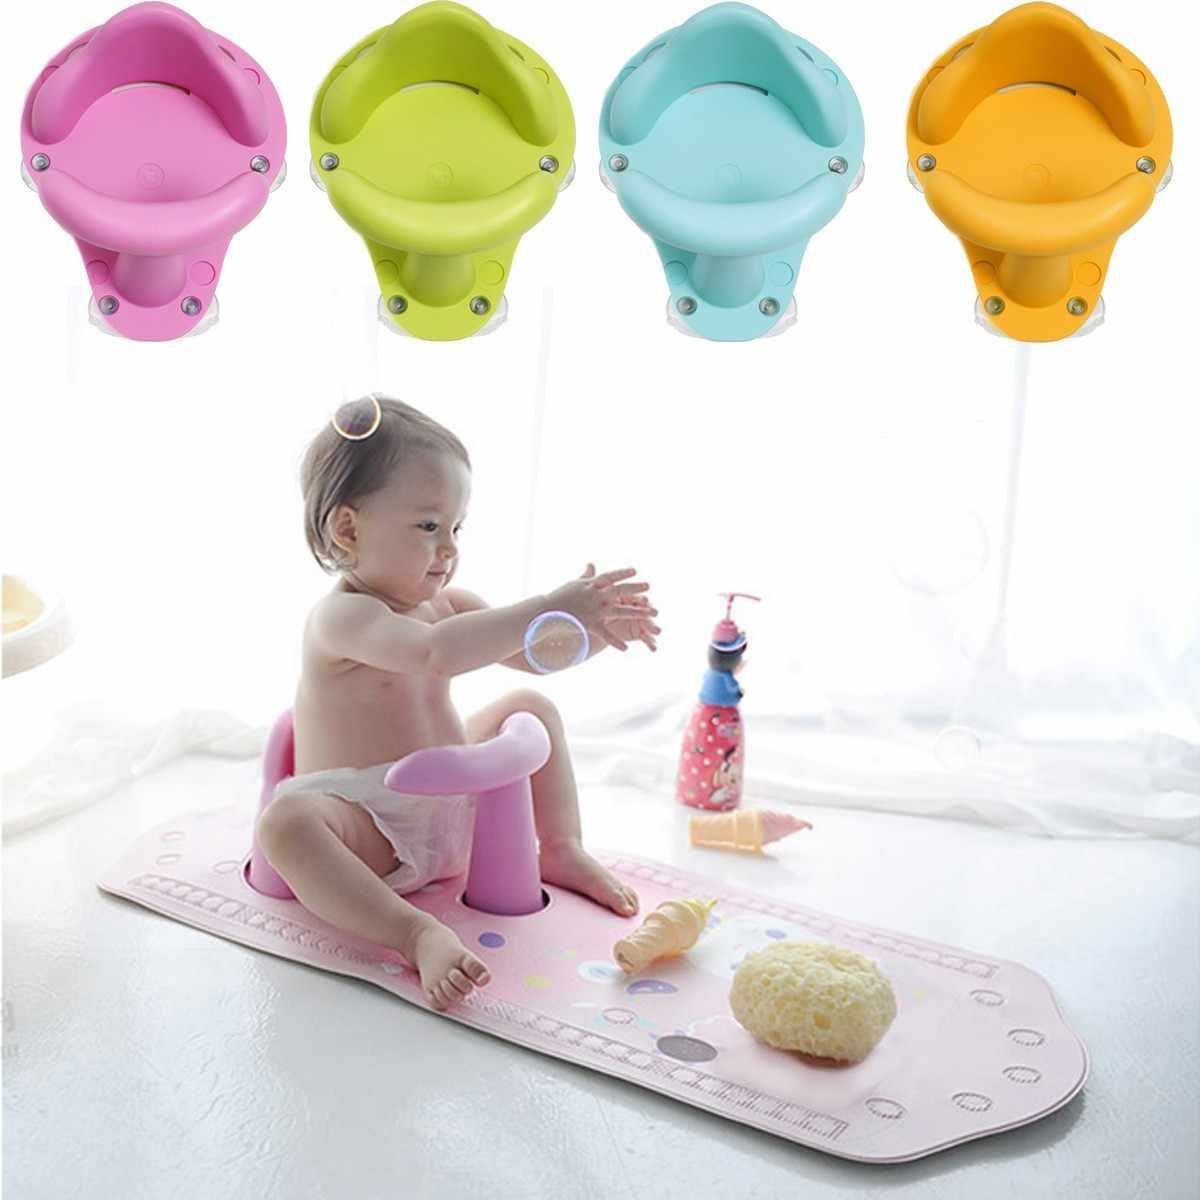 滑り止めベビー幼児キッズ幼児風呂シートリング安全コンフォート椅子マットパッド浴槽おもちゃギフト赤ちゃん幼児風呂シャワー用品